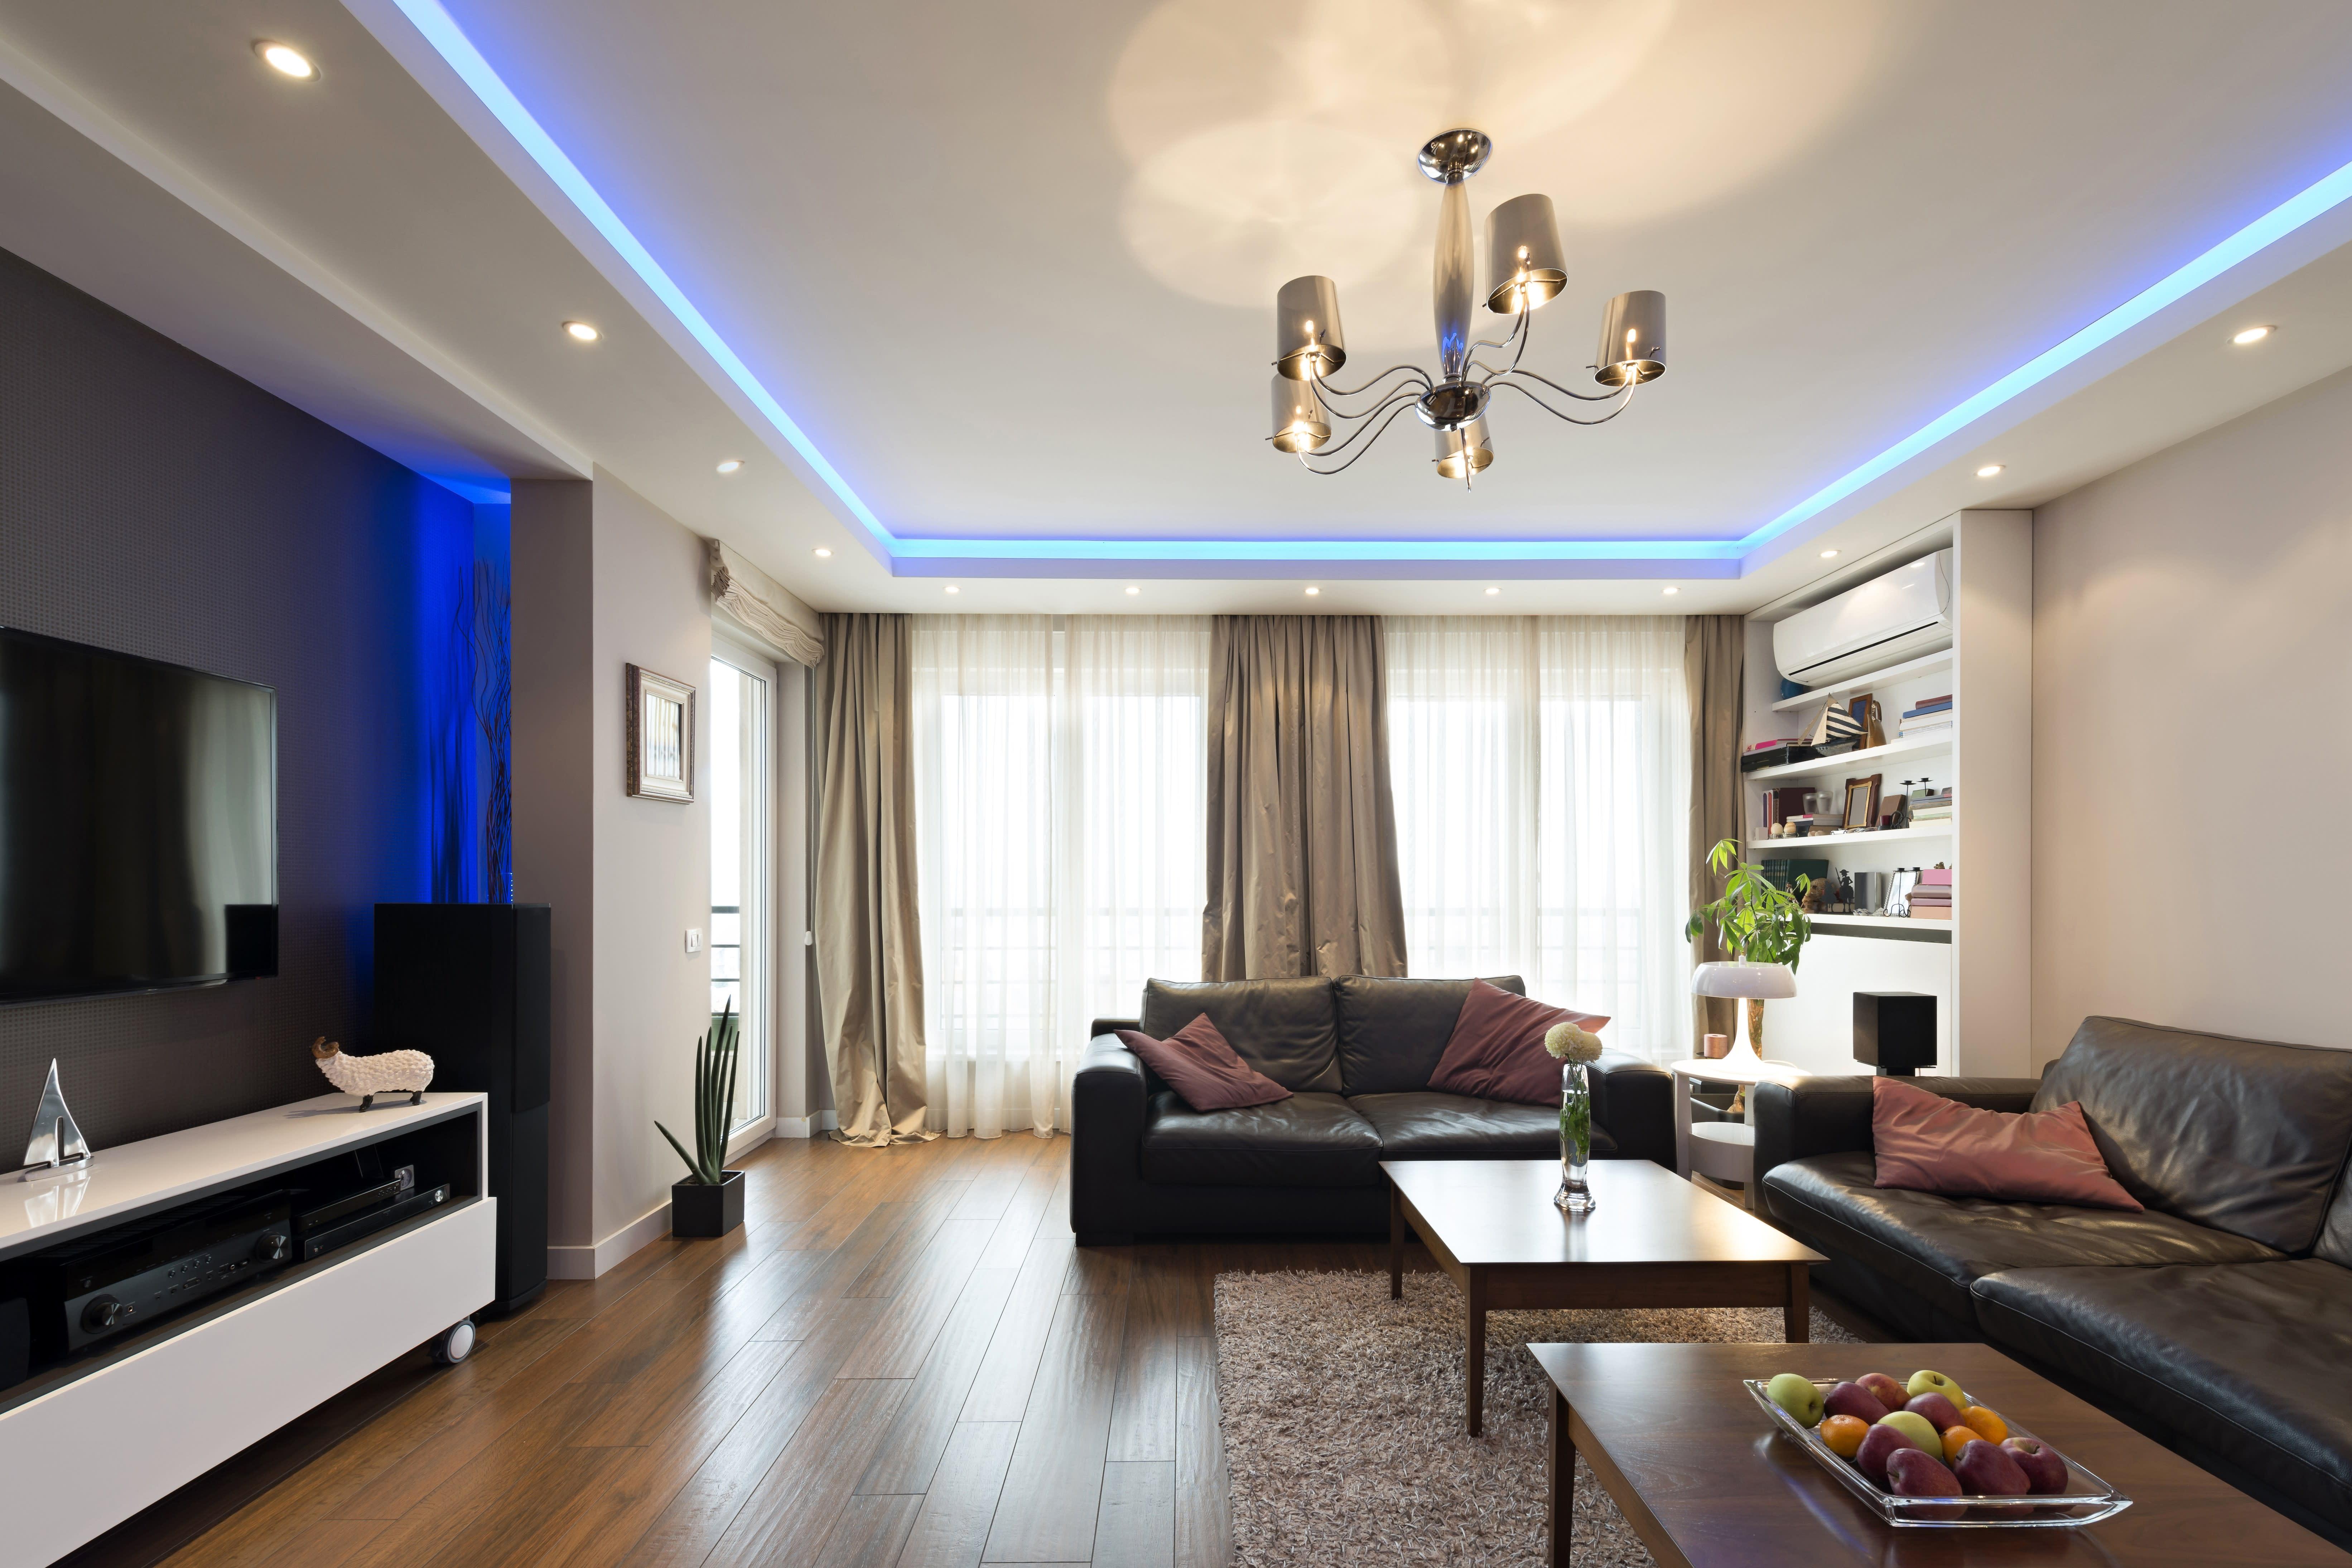 Spanndecke in einem Wohnzimmer mit Beleuchtung